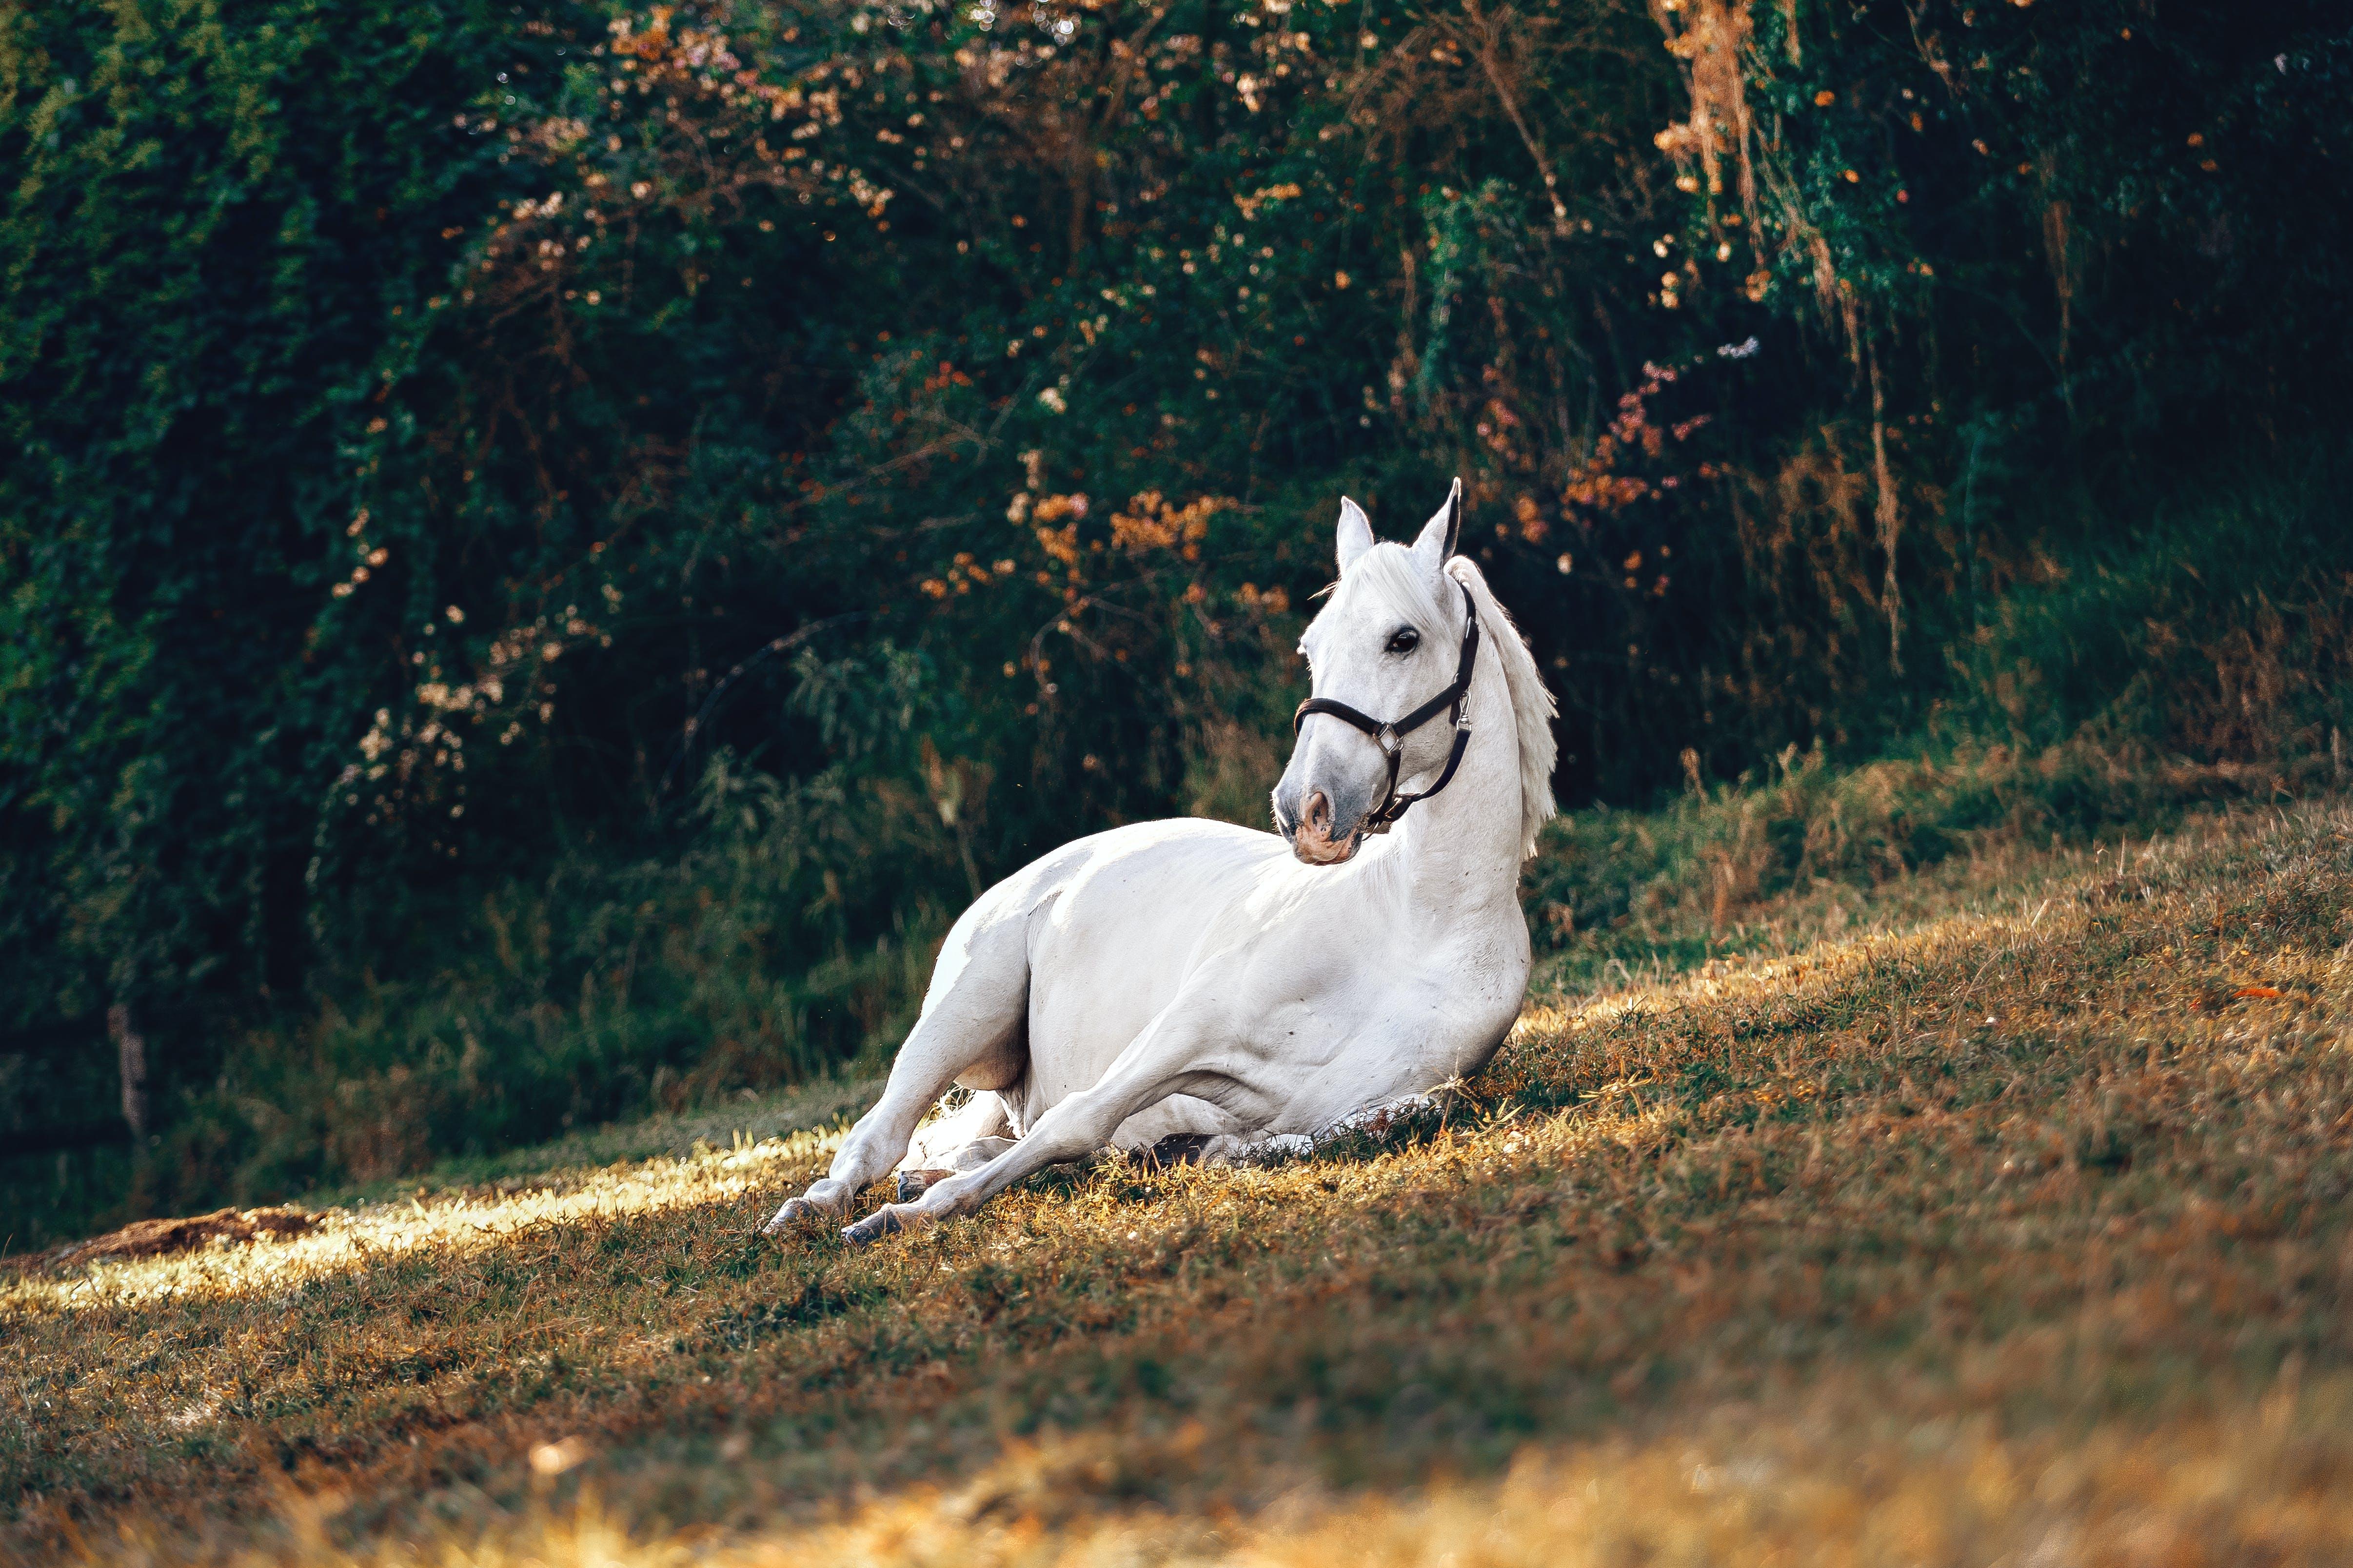 休息, 動物, 哺乳動物, 家畜 的 免费素材照片